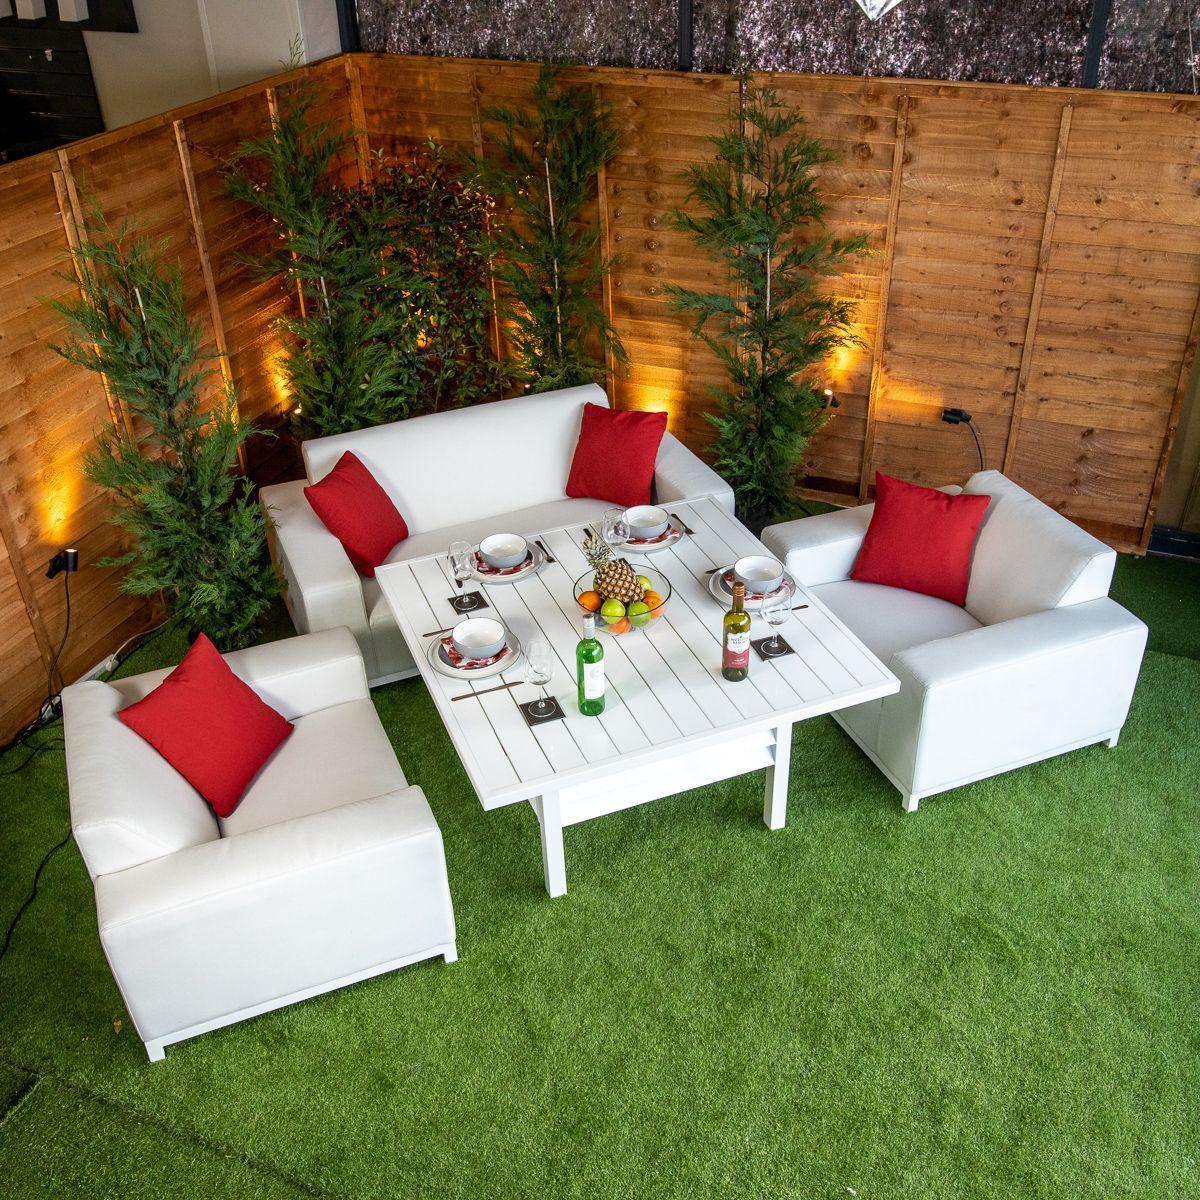 Designer Outdoor Furniture Trends for 2021